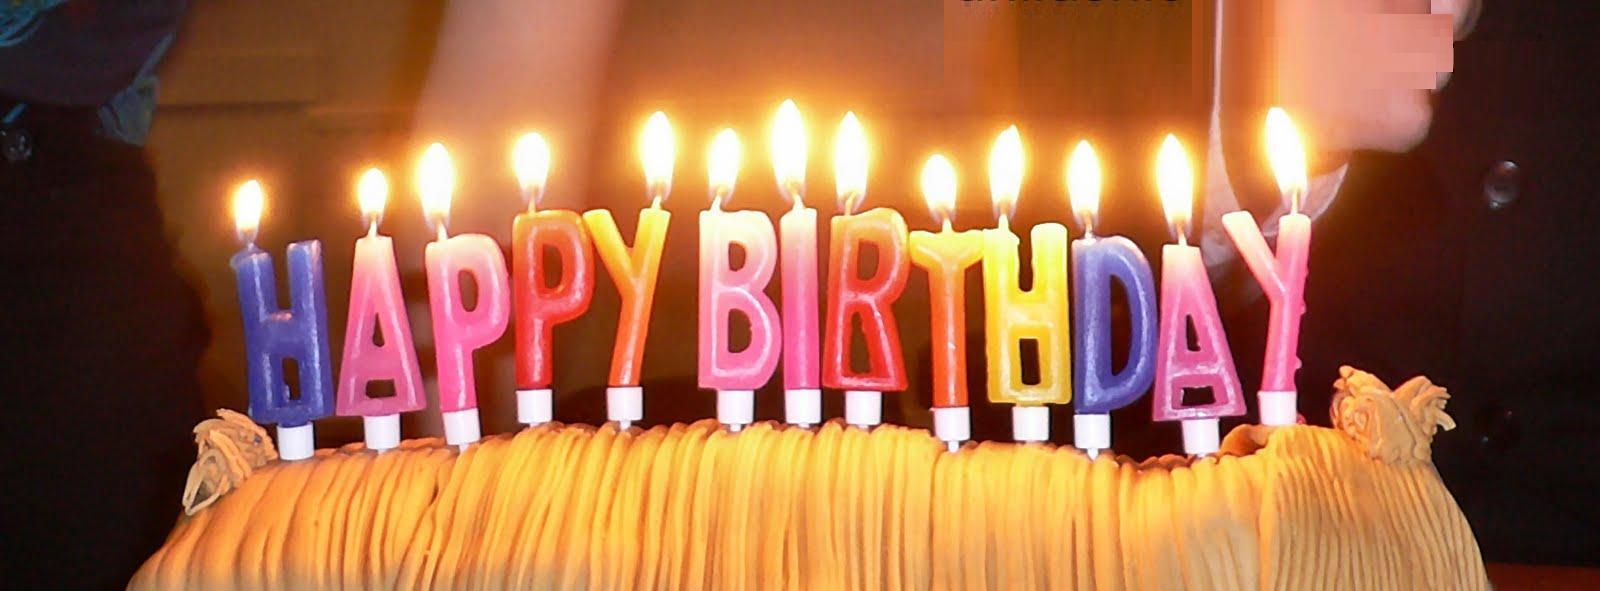 happy birthday themes happy birthday themes happy birthday images 1600x591